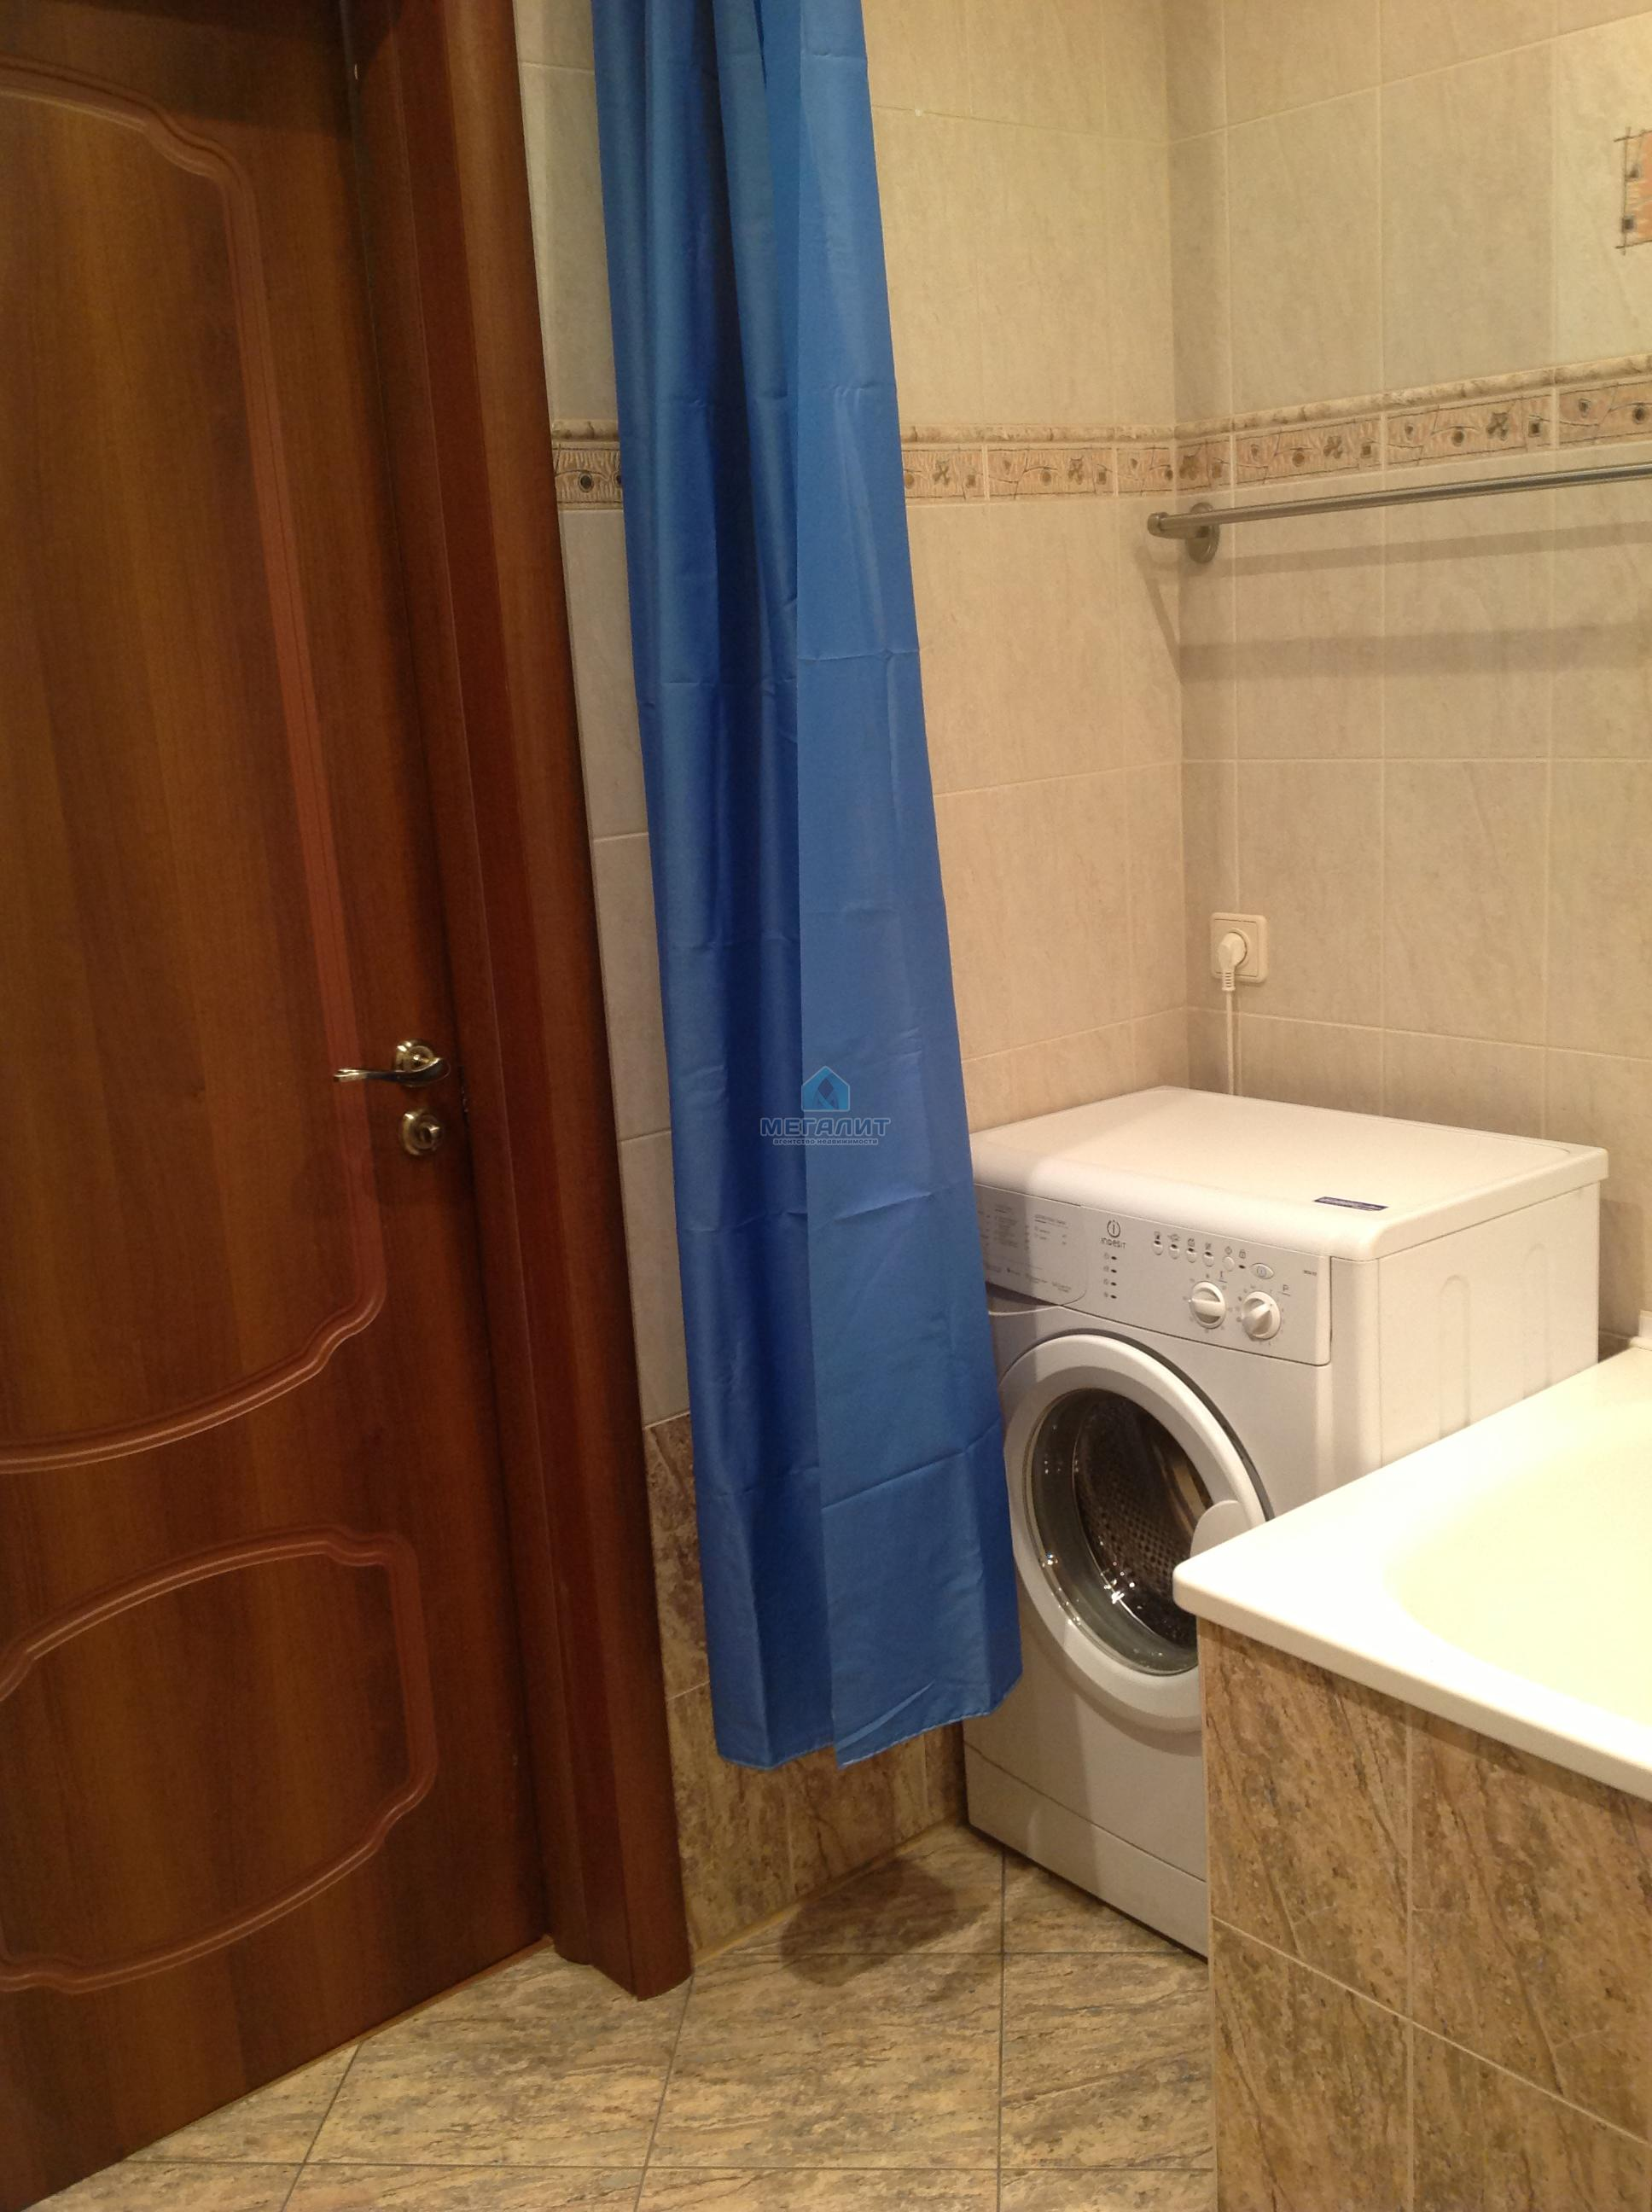 Аренда 1-к квартиры Шаляпина 12, 54.0 м² (миниатюра №2)